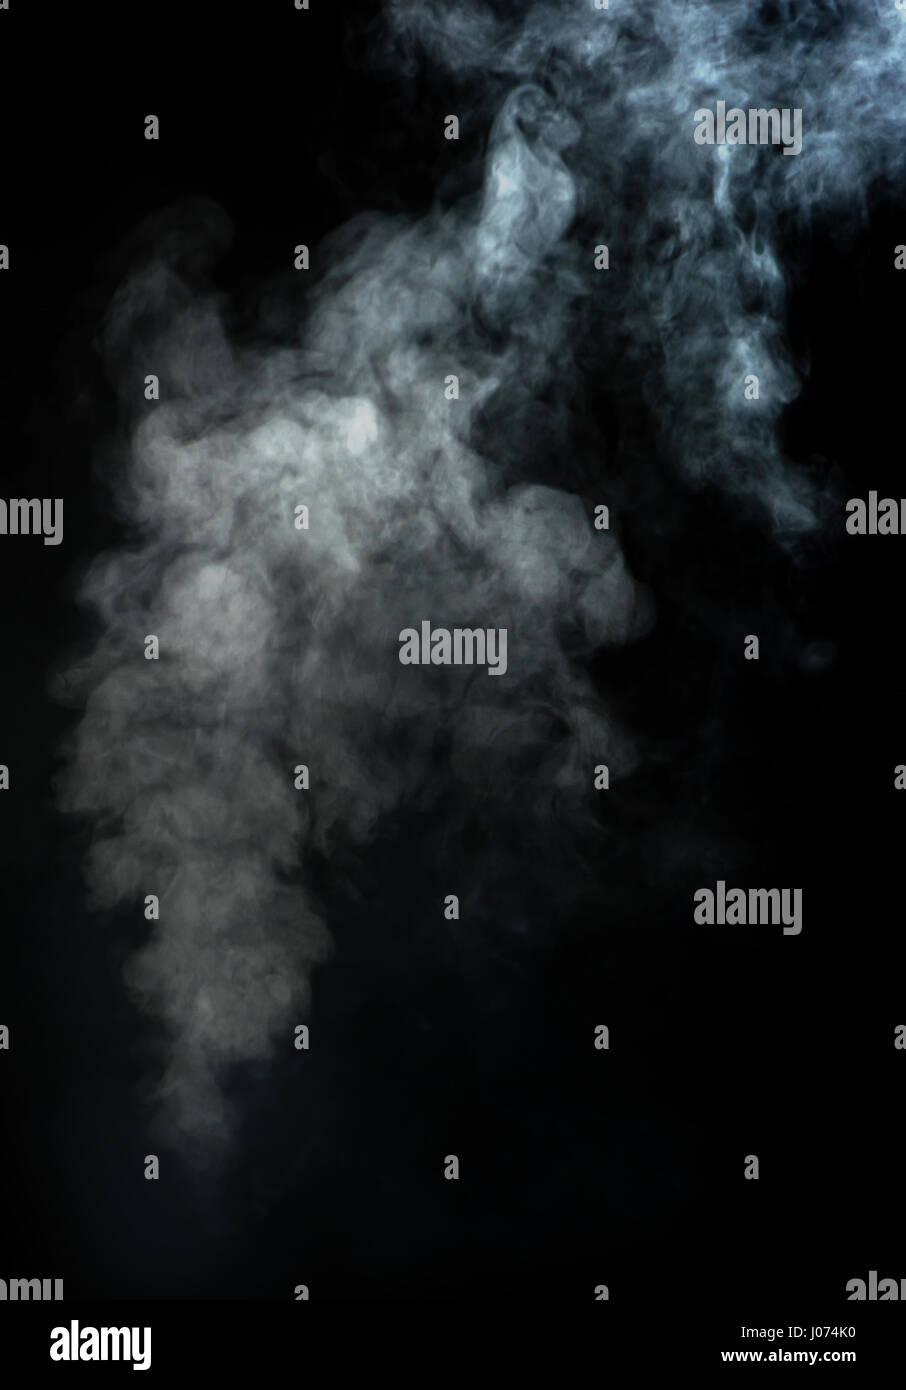 Abstrakte weißer Rauch auf schwarzem Hintergrund Stockbild